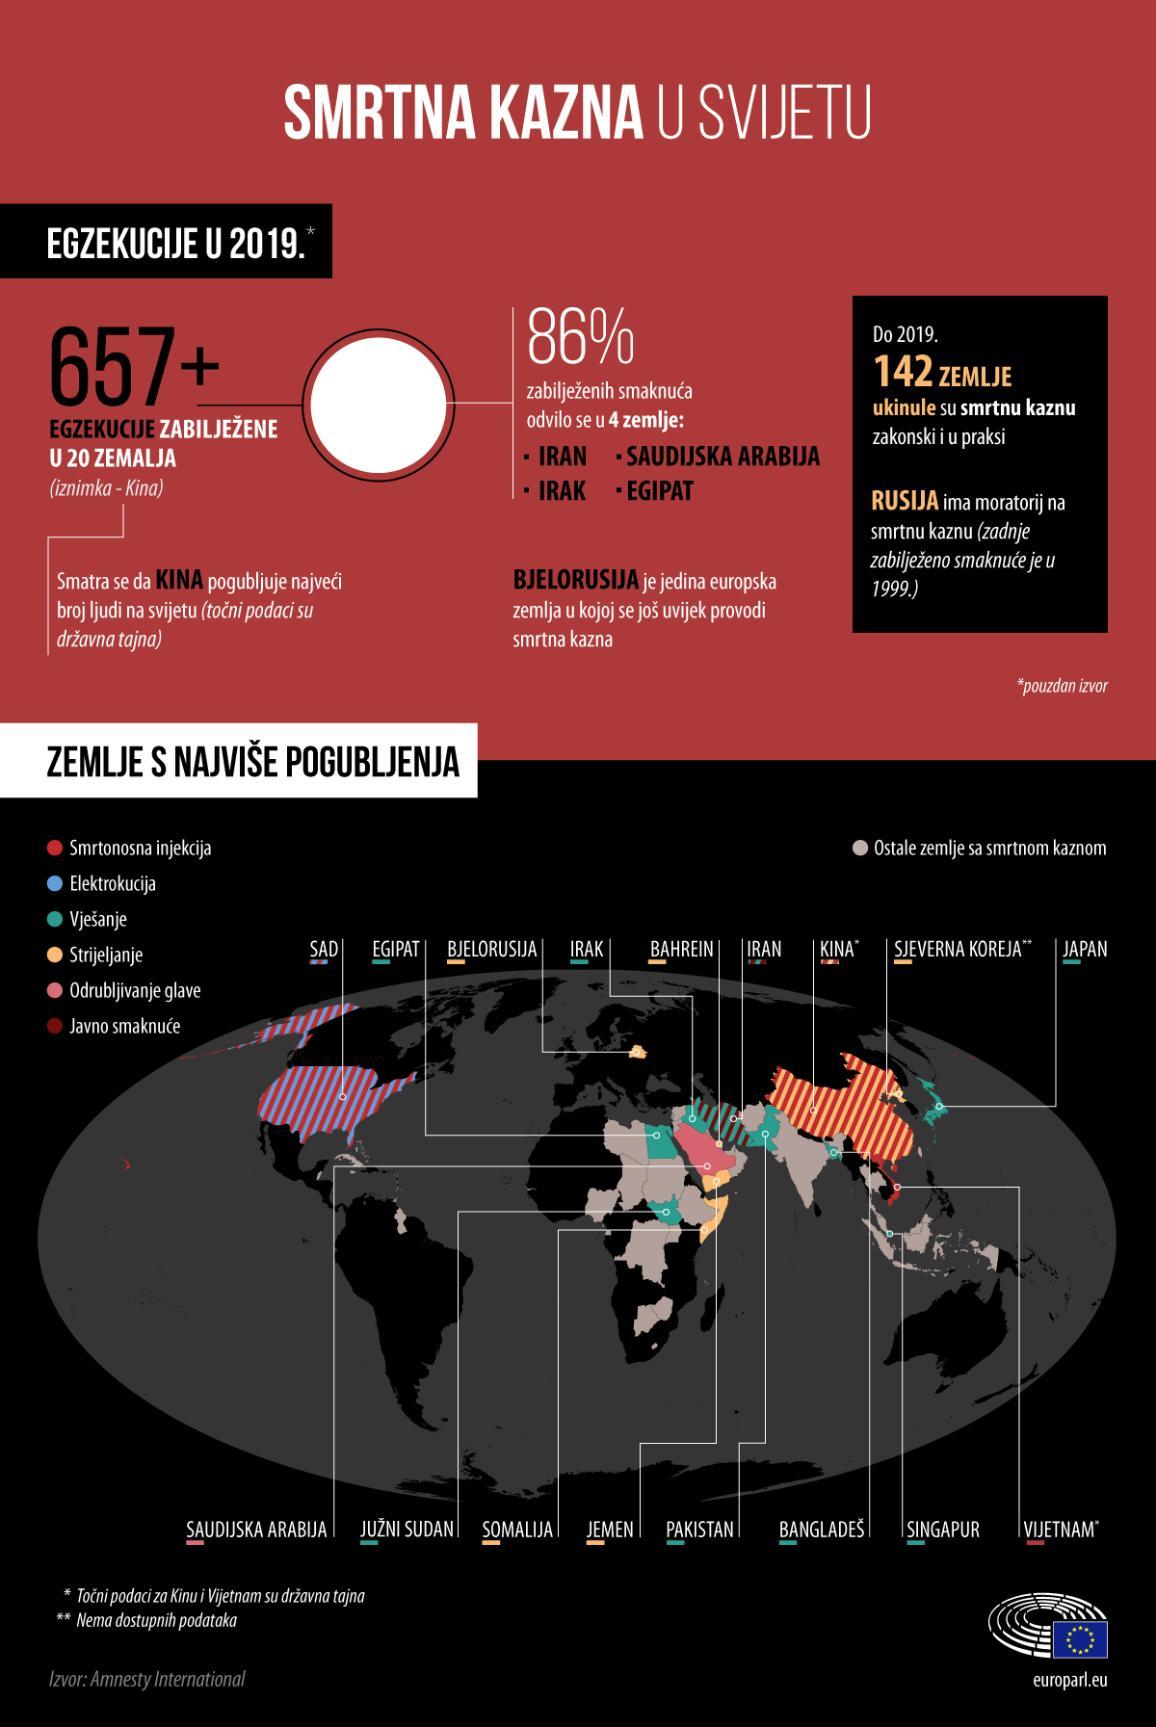 Infografika s činjenicama i brojkama o smrtnoj kazni u svijetu u 2019. i karta zemalja u kojima je bilo najviše smaknuća